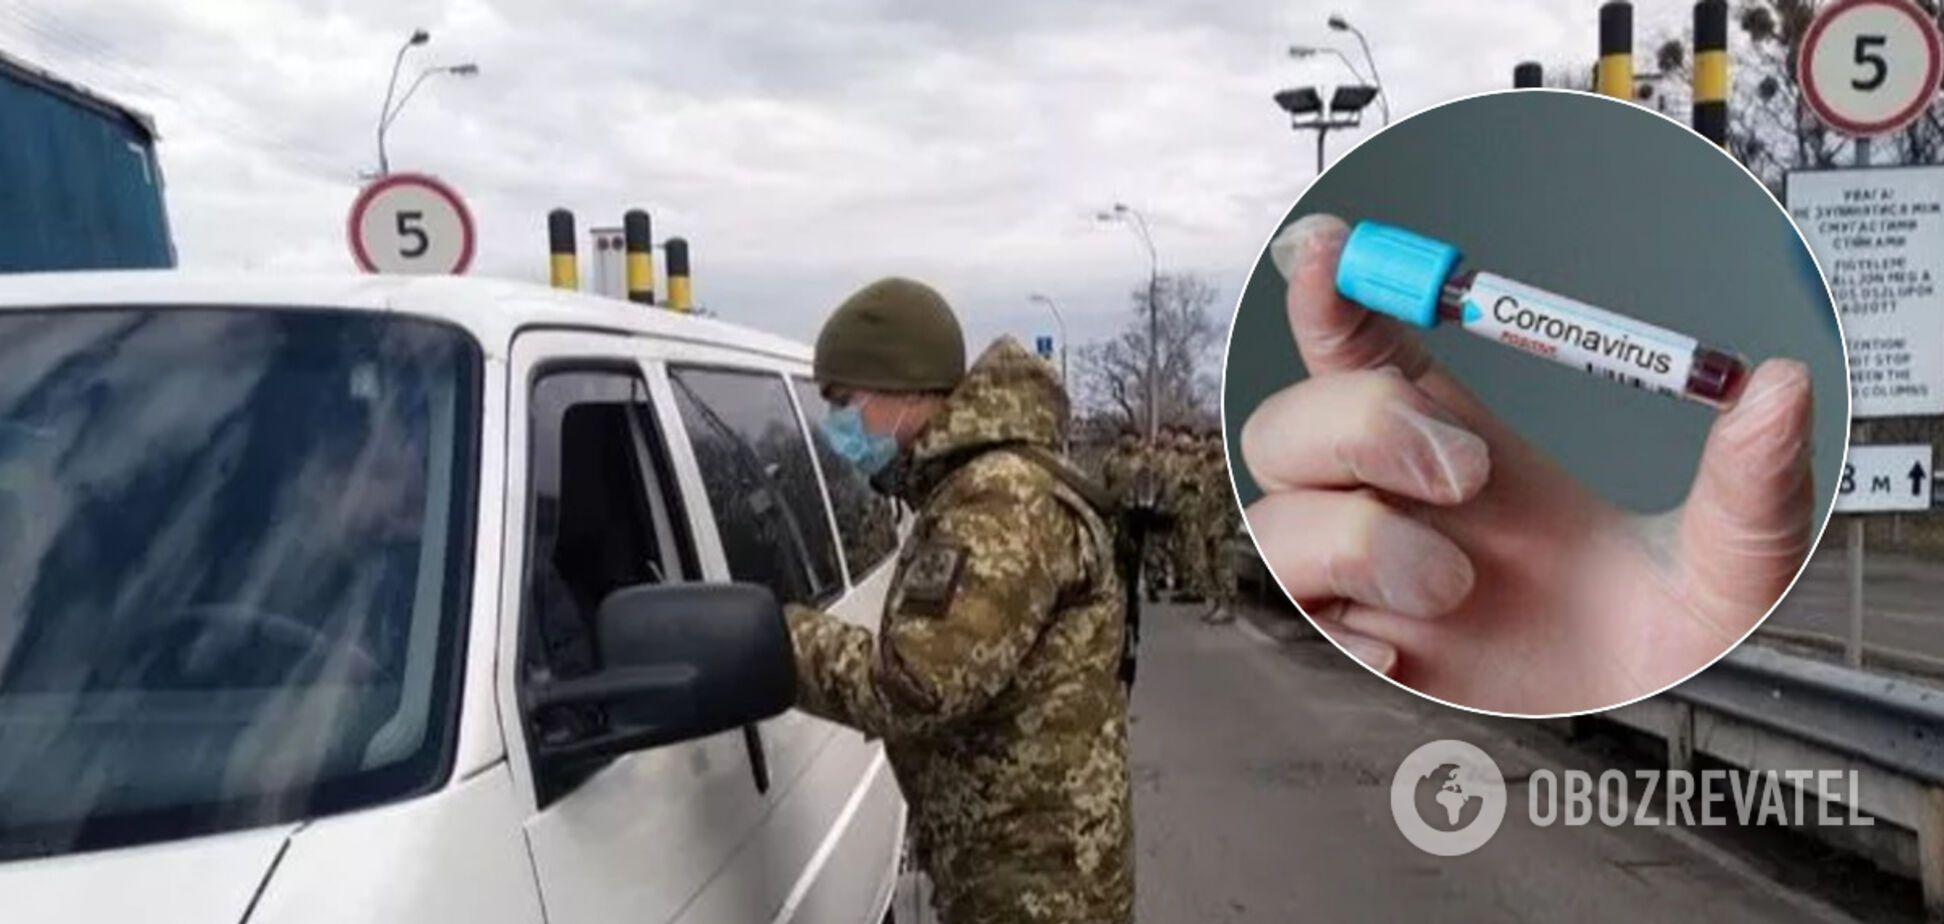 На кордоні з Україною затримано людей із підозрою на коронавірус